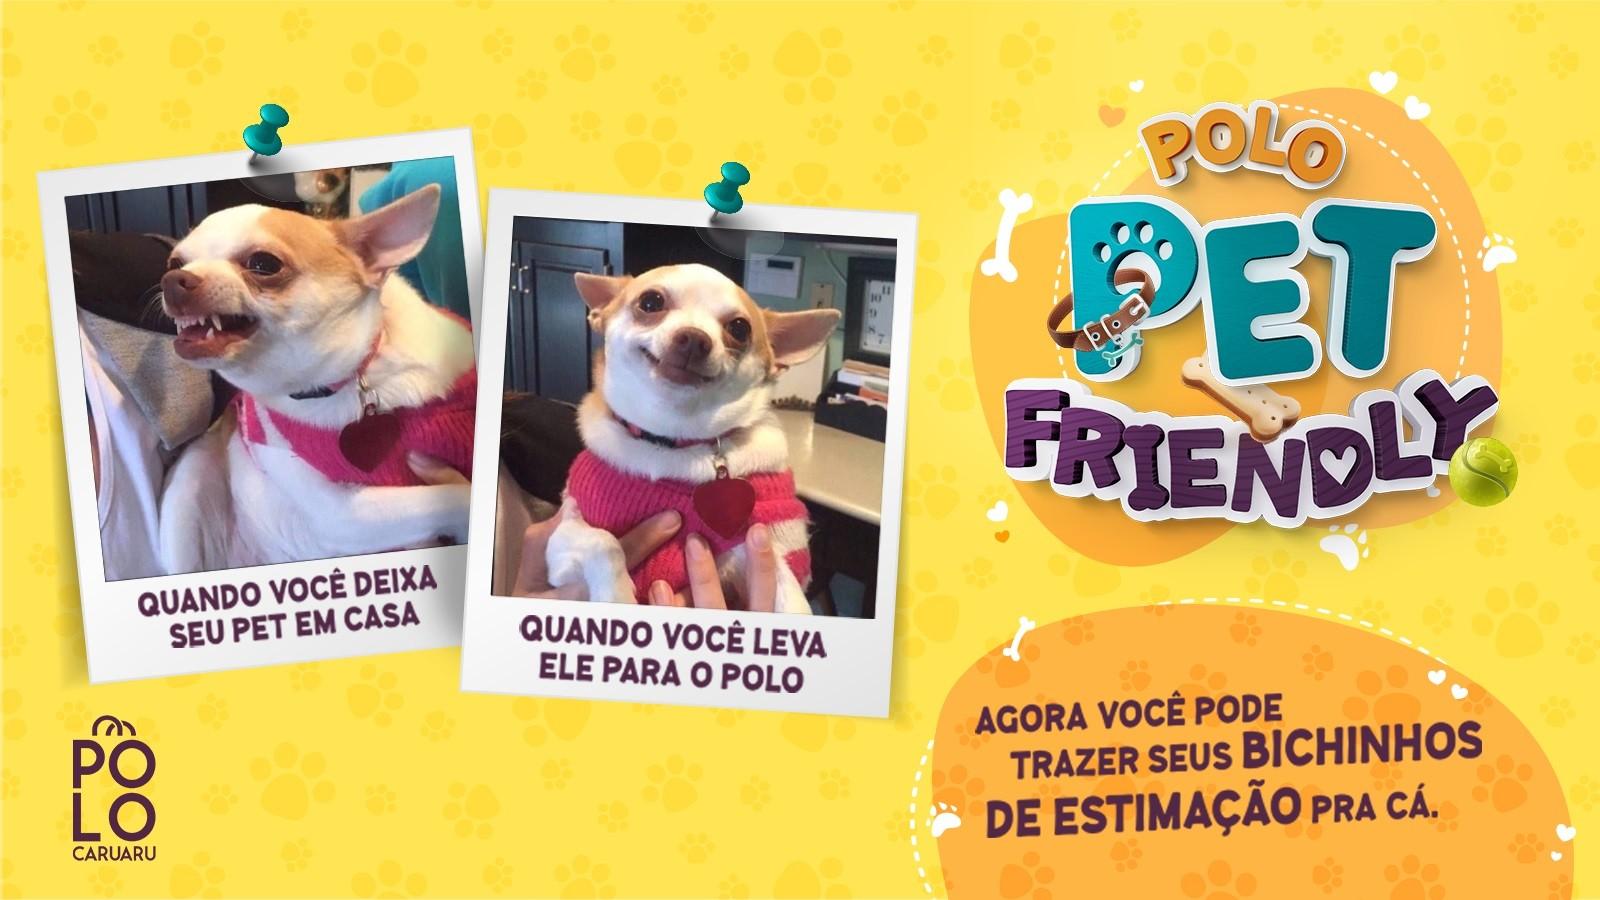 Polo Caruaru abre as portas para os animais de estimação - Notícias - Plantão Diário